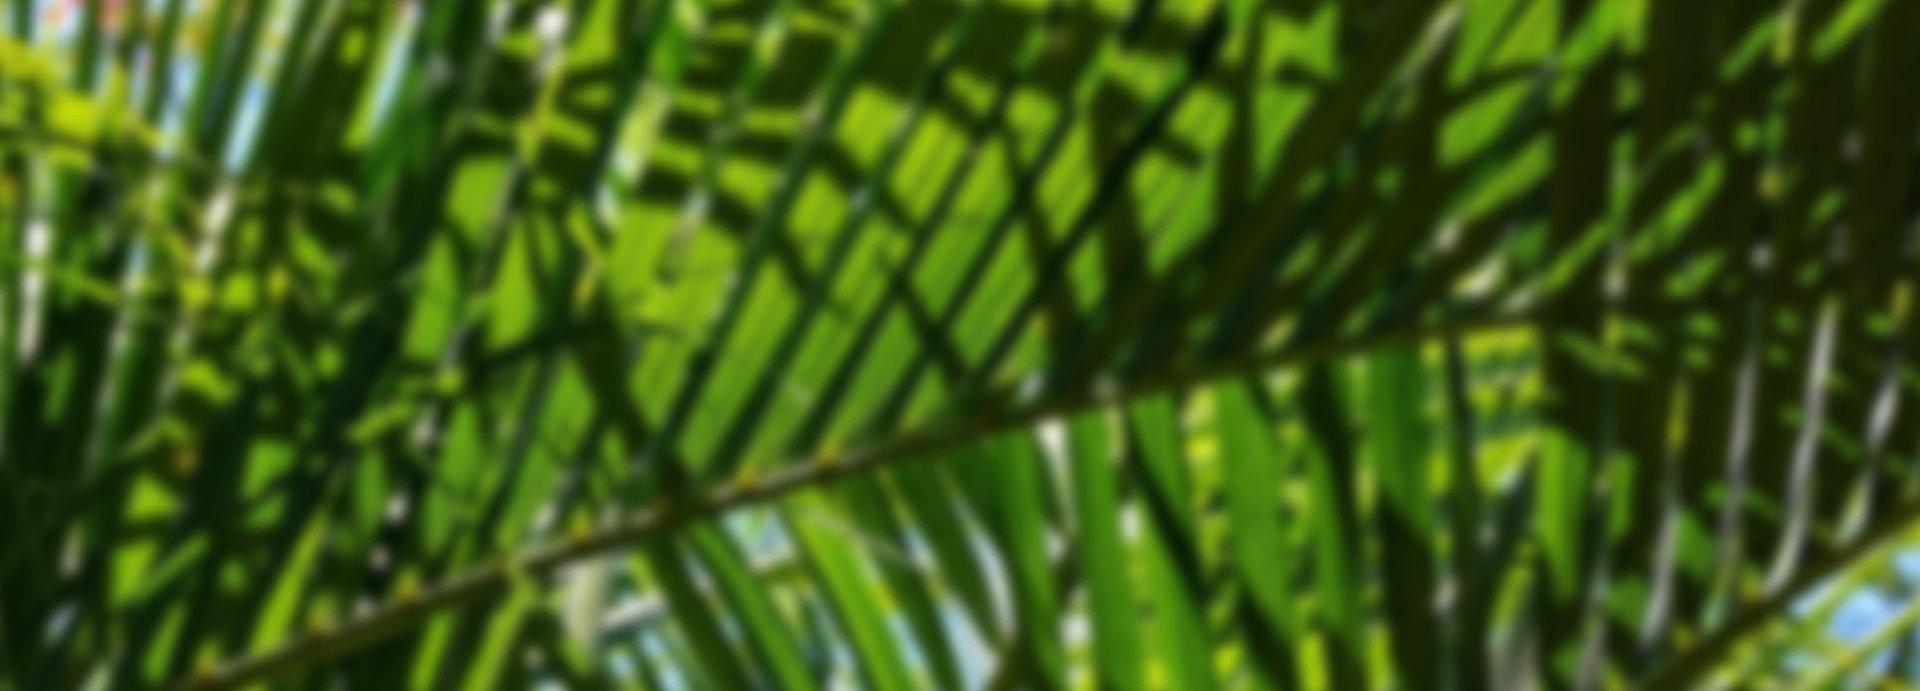 Ce vert,cette nature est un clin d'oeil à l'île dont est originaire NjieTRENDS